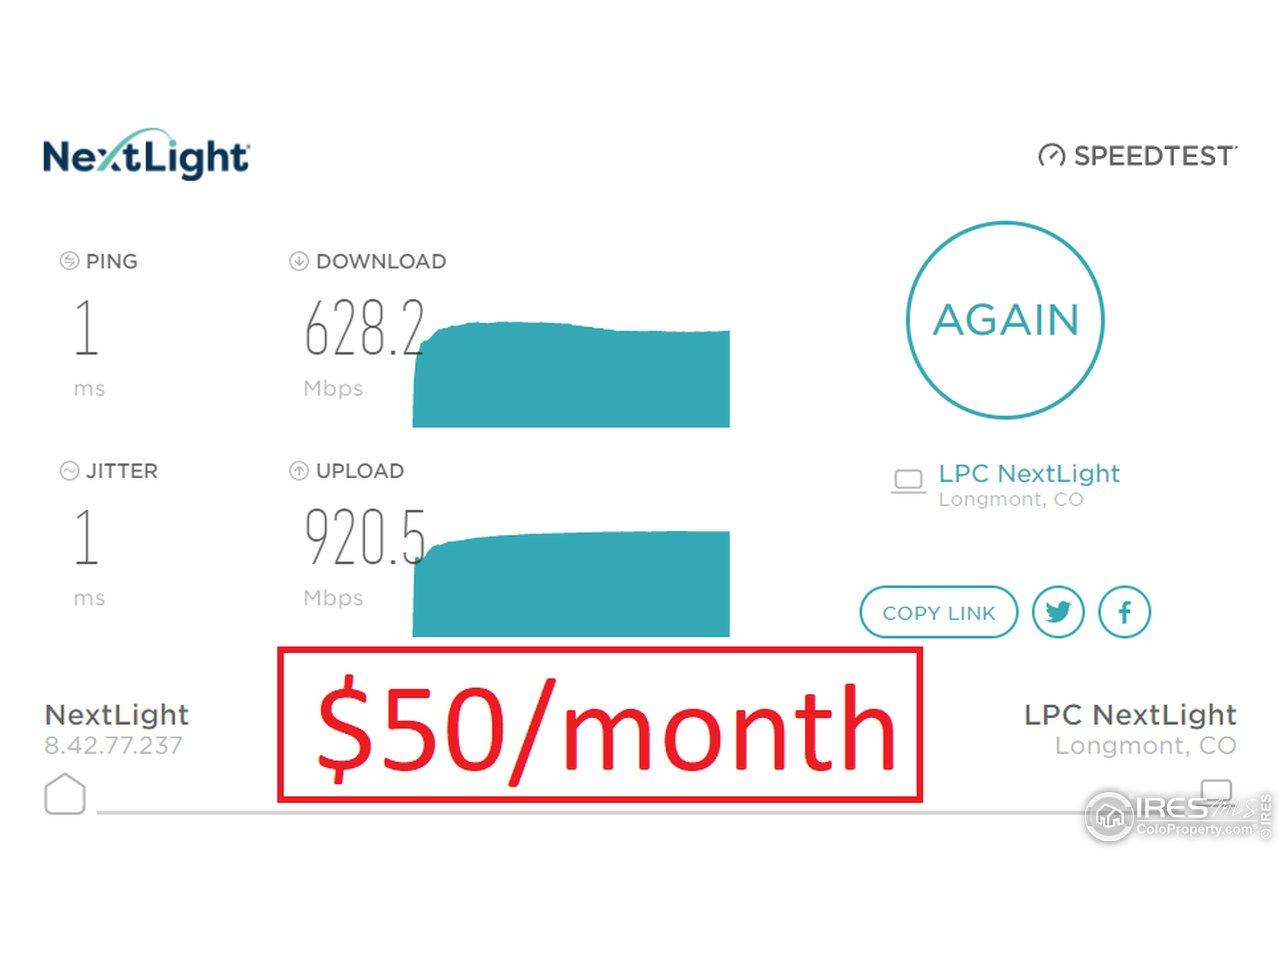 Next Light High Speed Internet